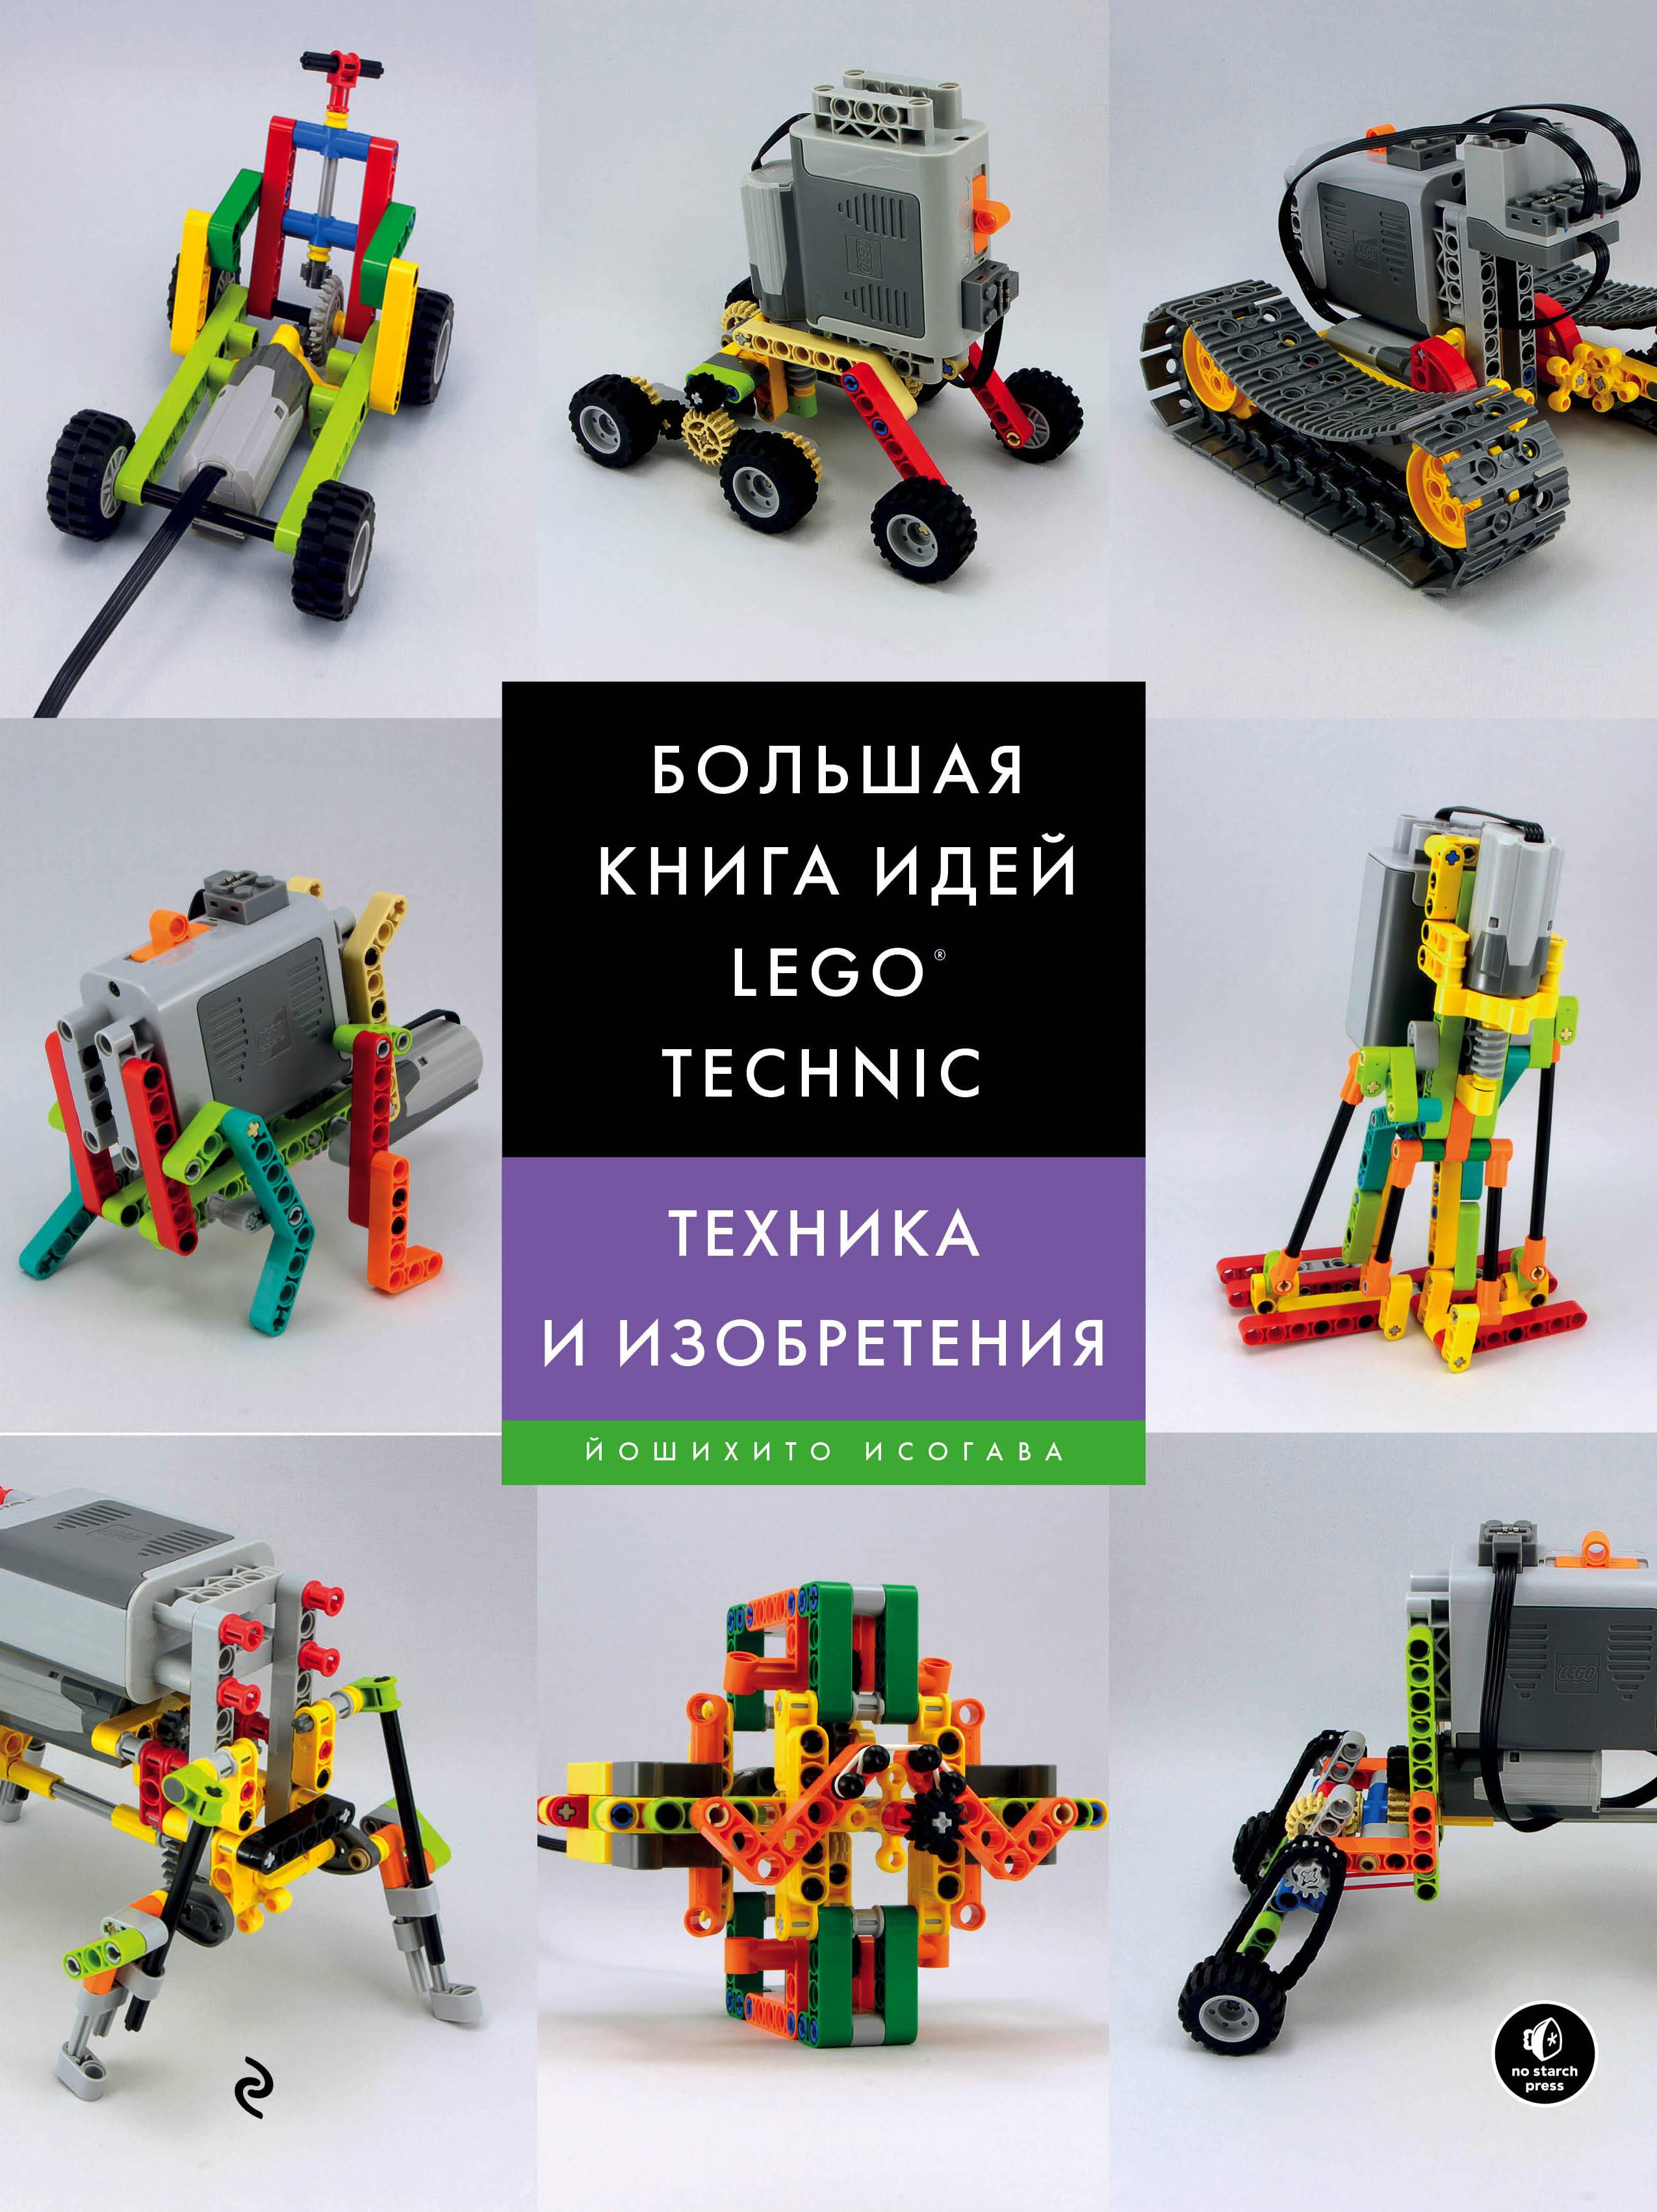 Фото - Йошихито Исогава Большая книга идей LEGO Technic. Техника и изобретения исогава й большая книга идей lego technic техника и изобретения